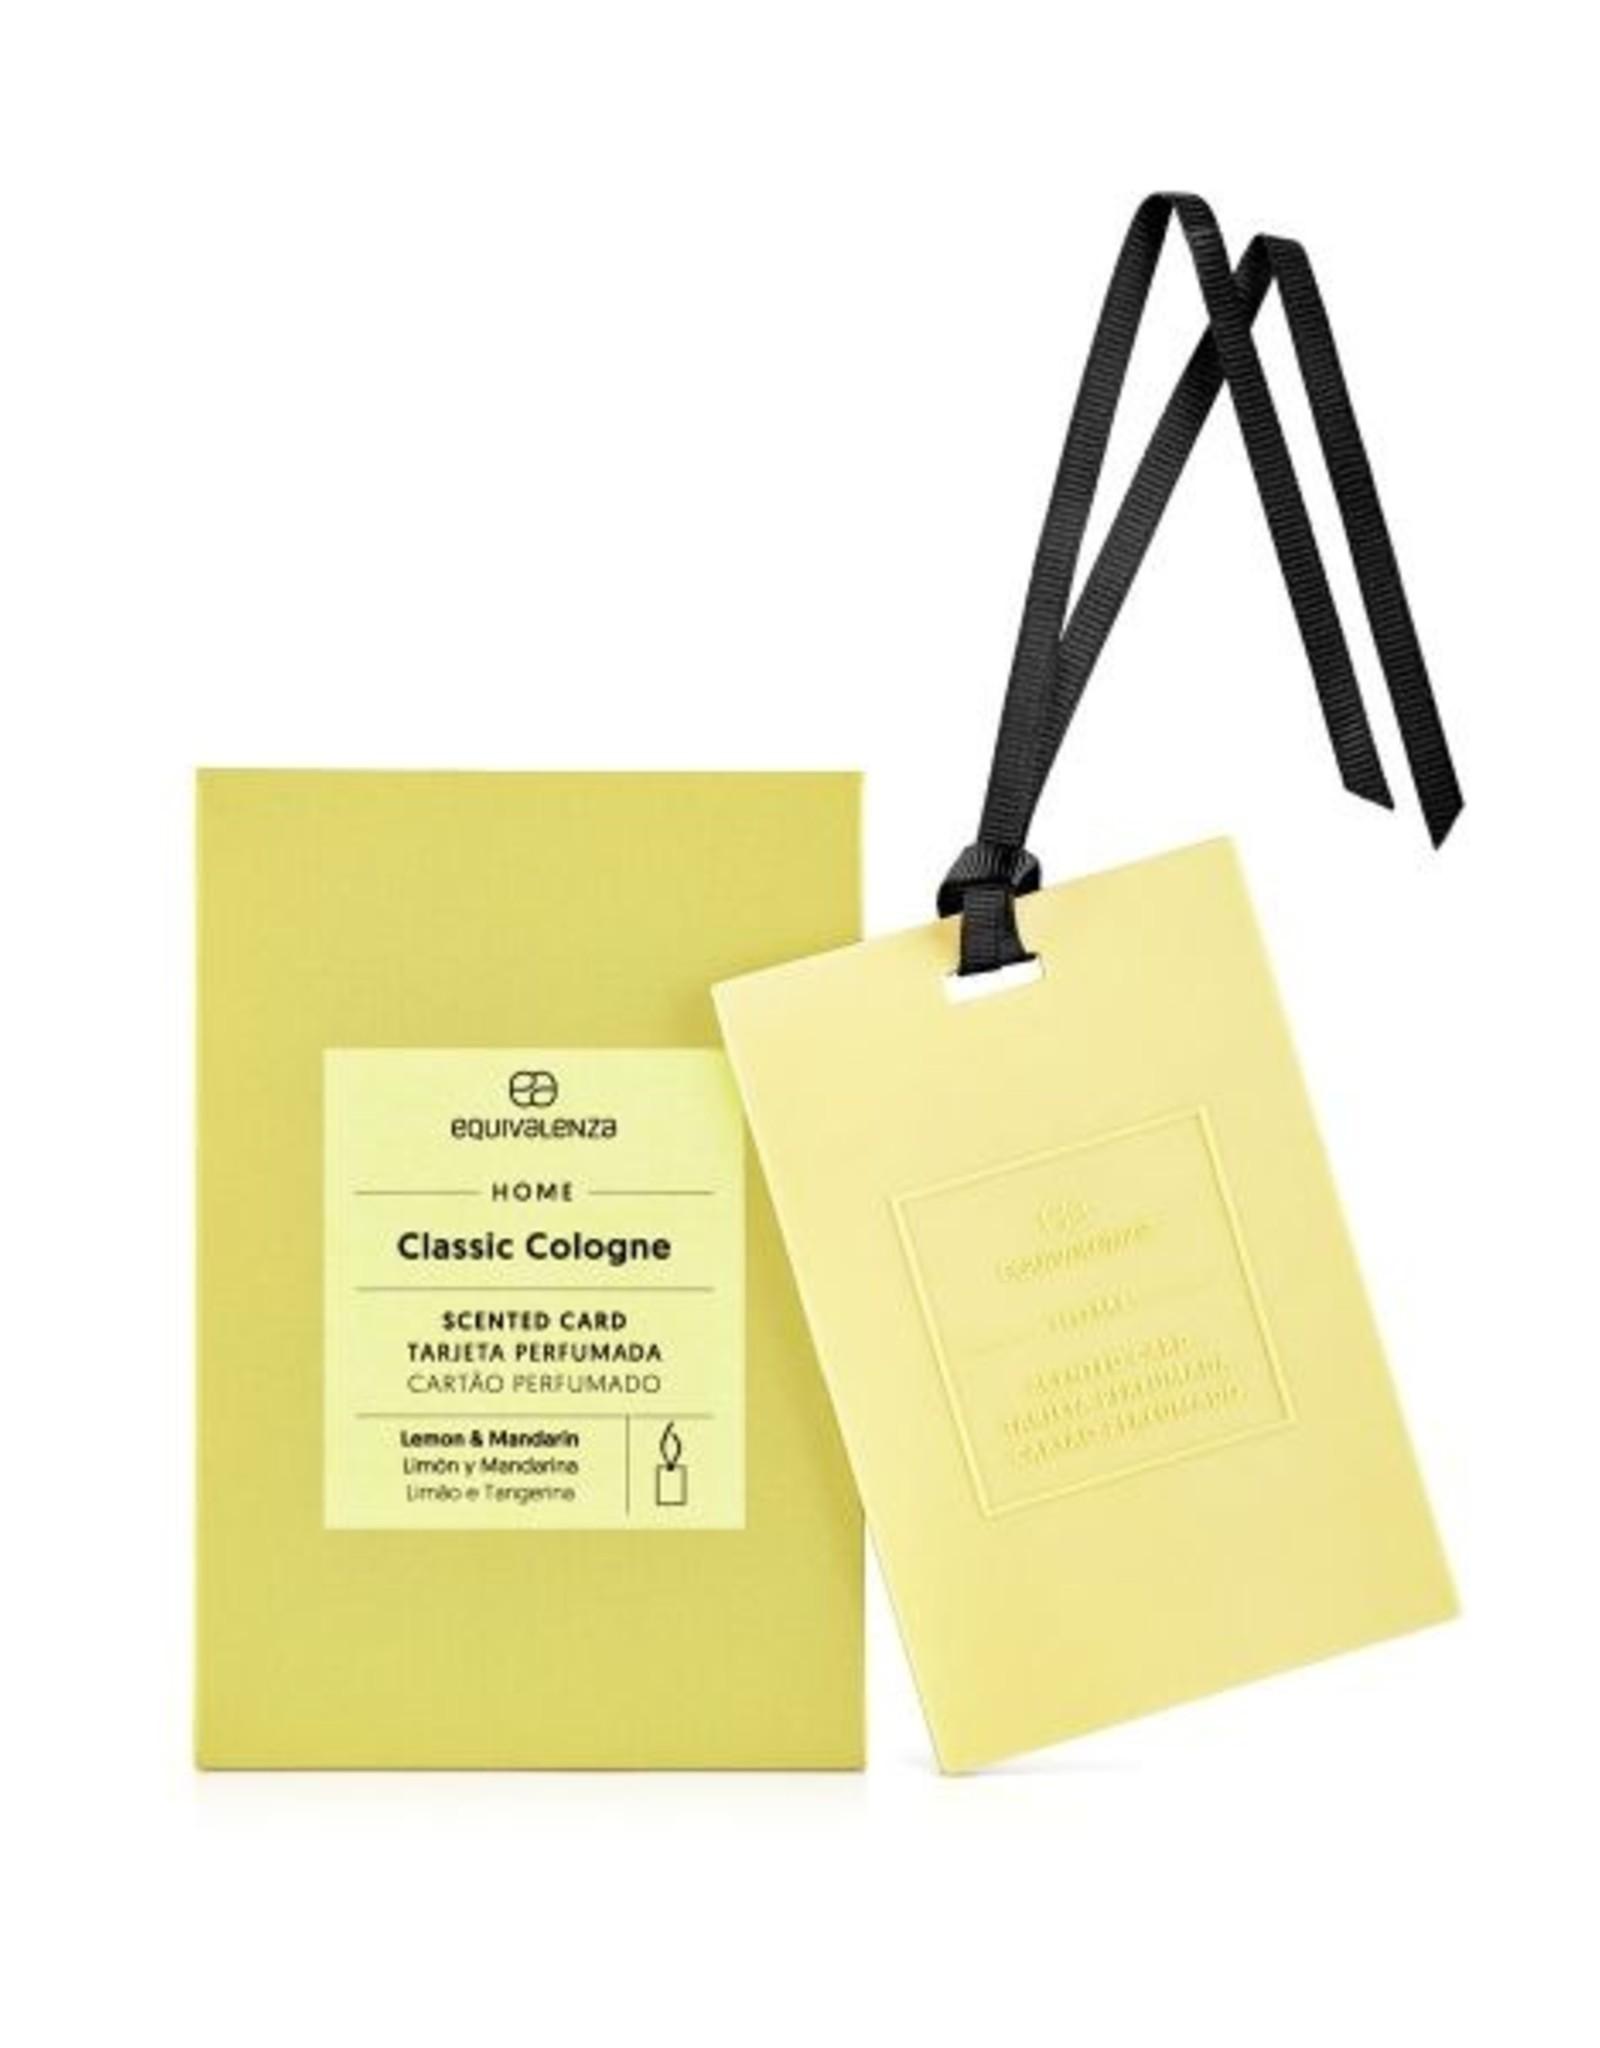 Equivalenza Carte Parfumée – Cologne Classique (citron et mandarine)